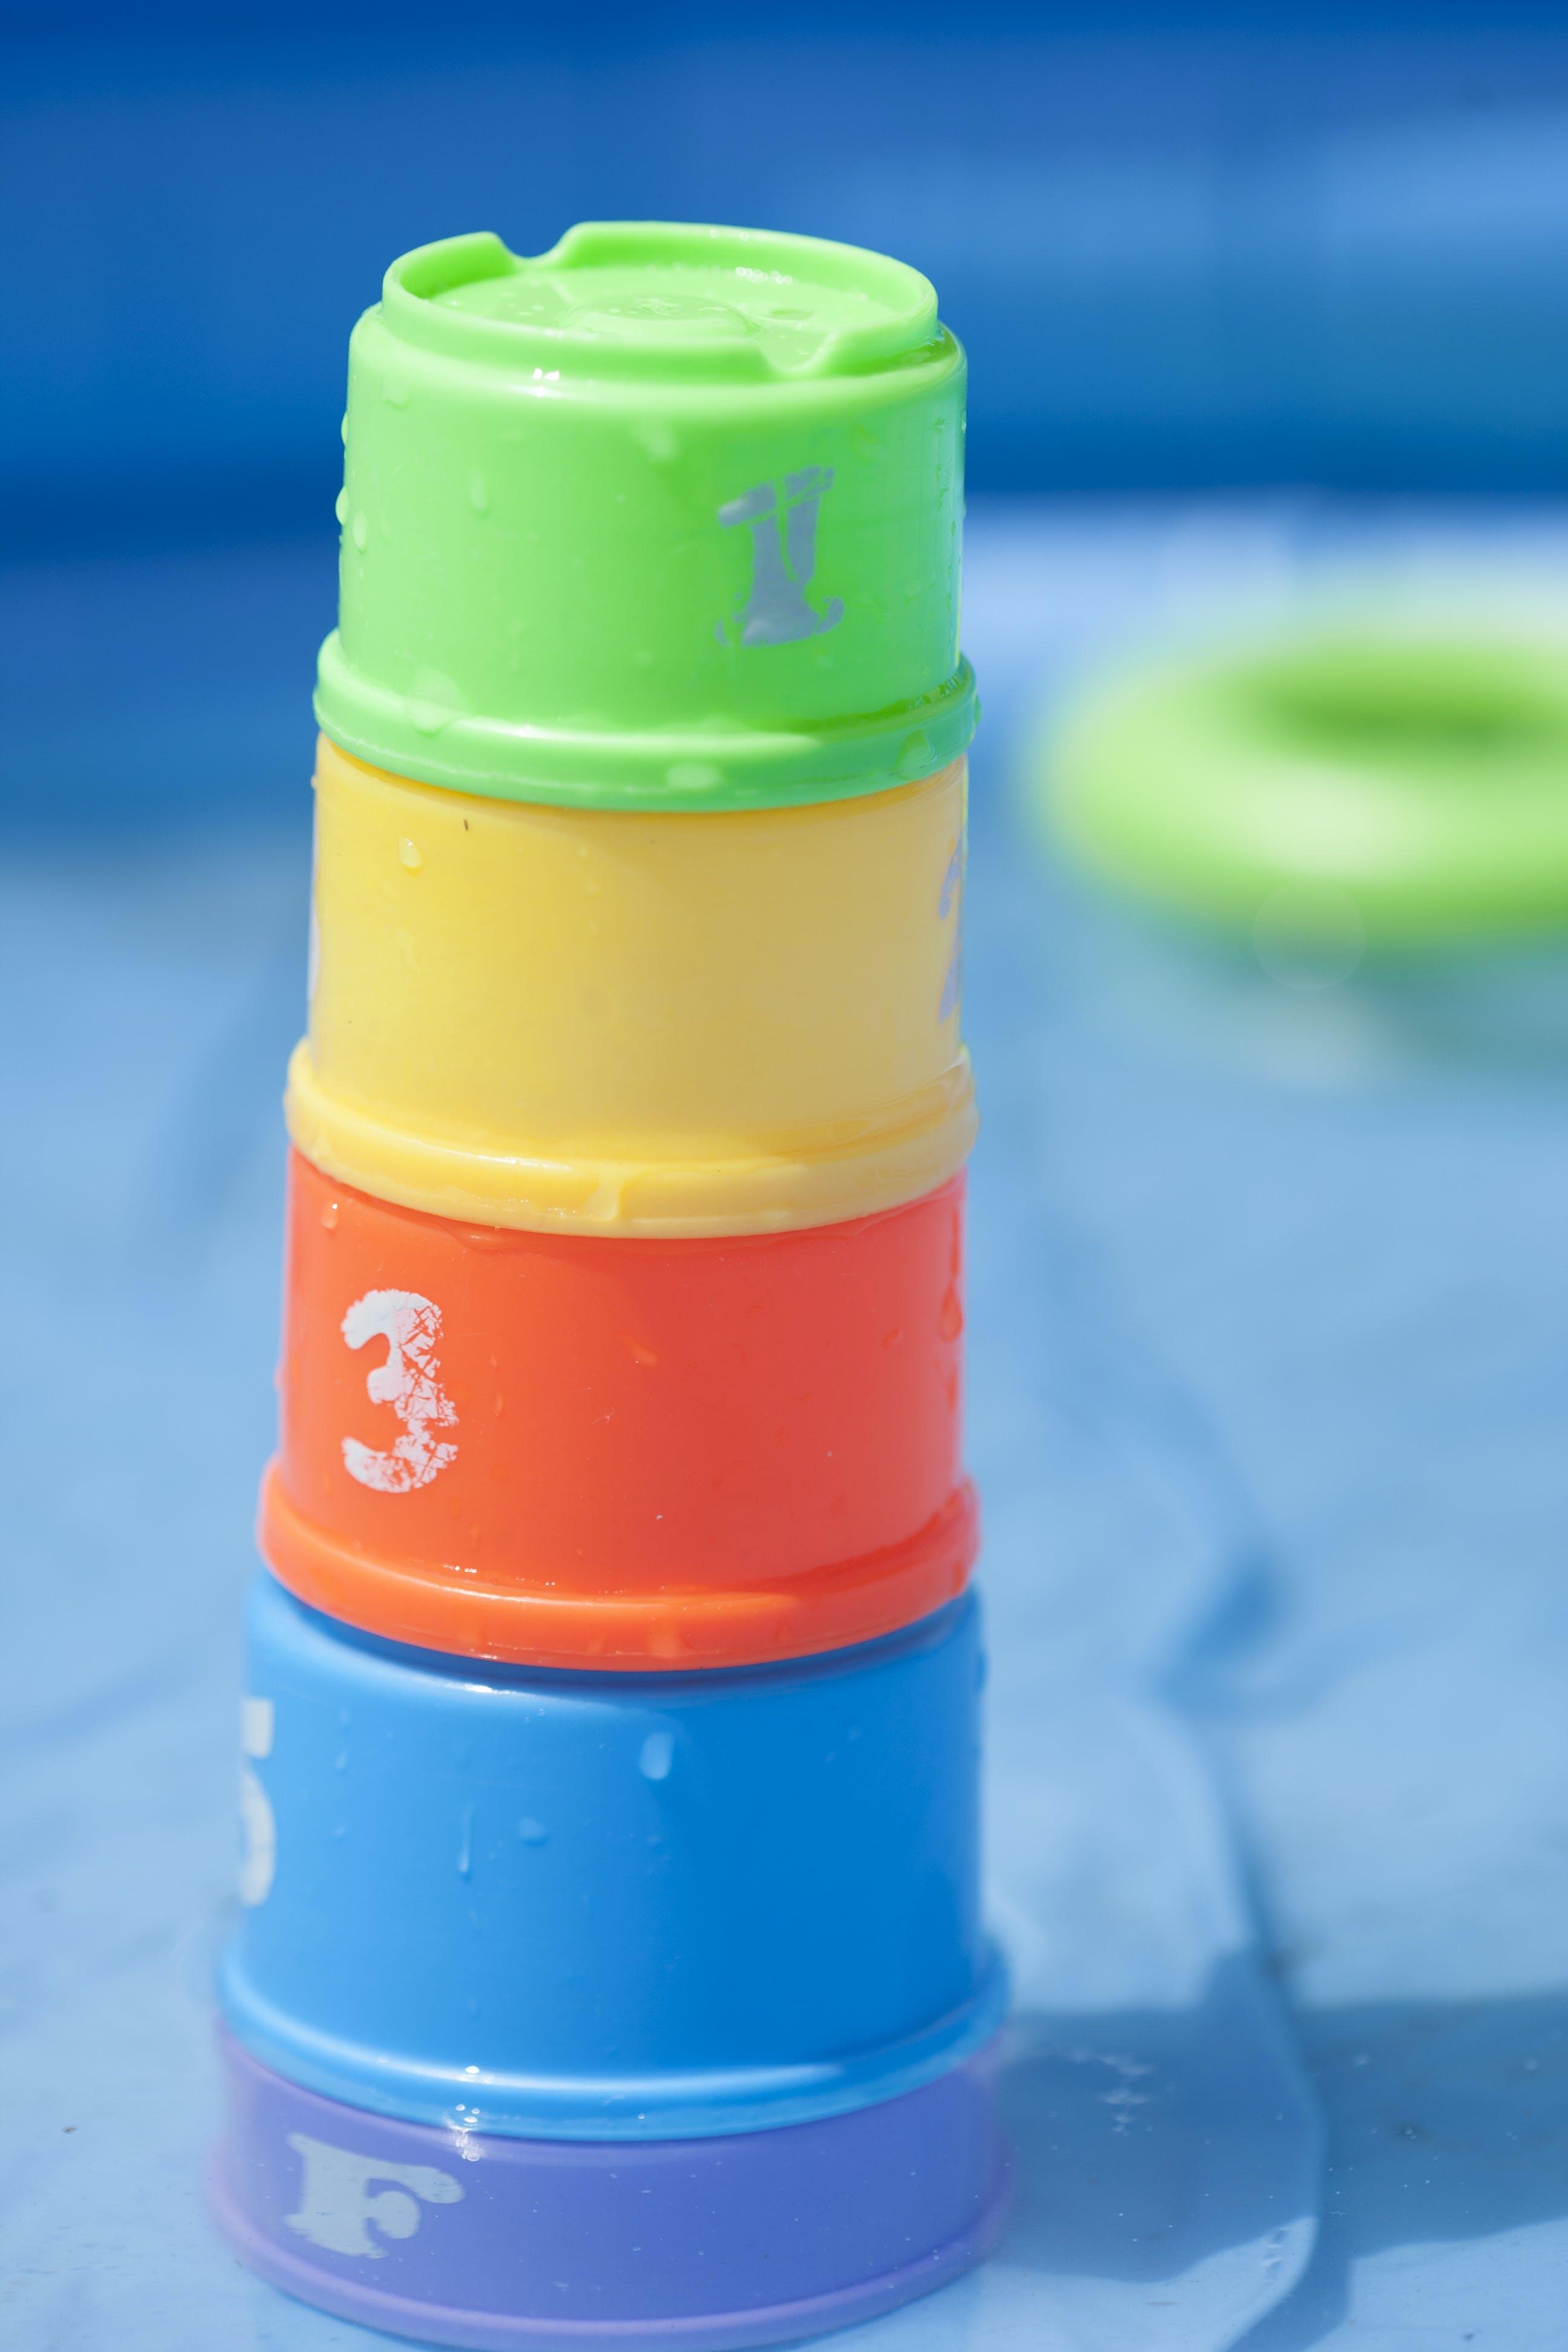 Kostenloses Stock Foto zu baden, kleinkind-spielzeug, sicherheit am pool, spielzeug